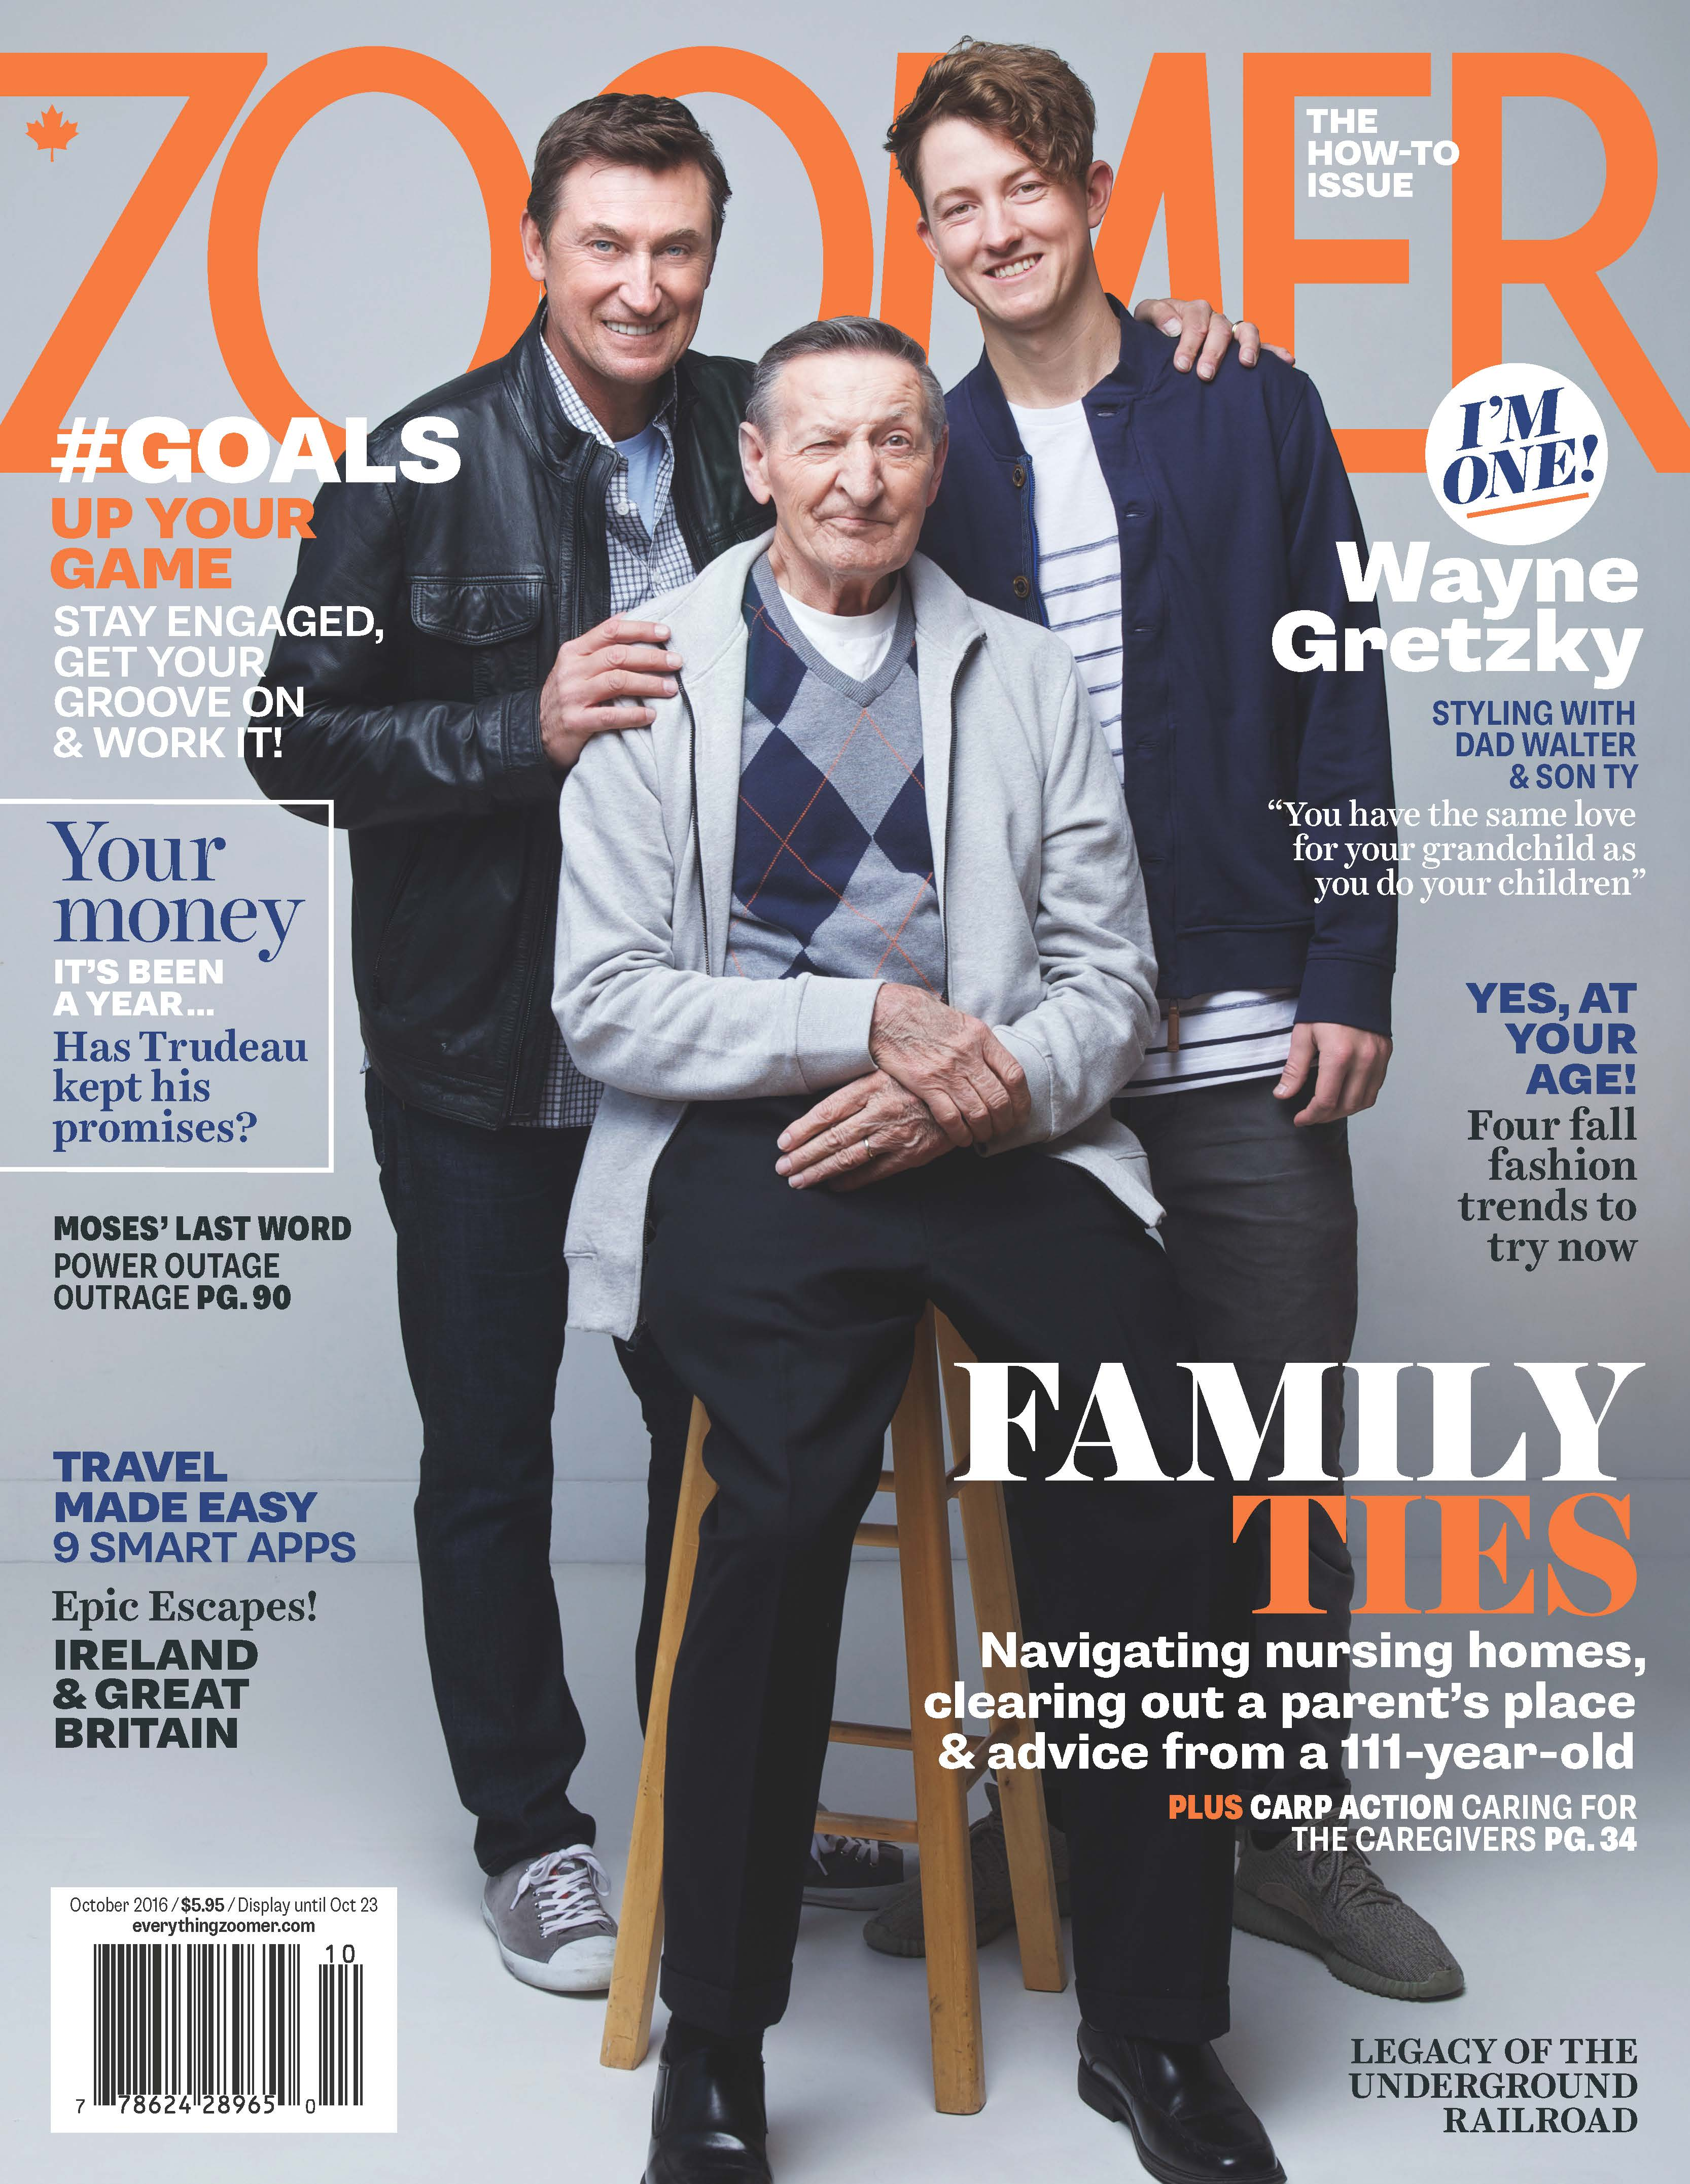 20 Years After Retiring Wayne Gretzky Keeps Scoring Everything Zoomer